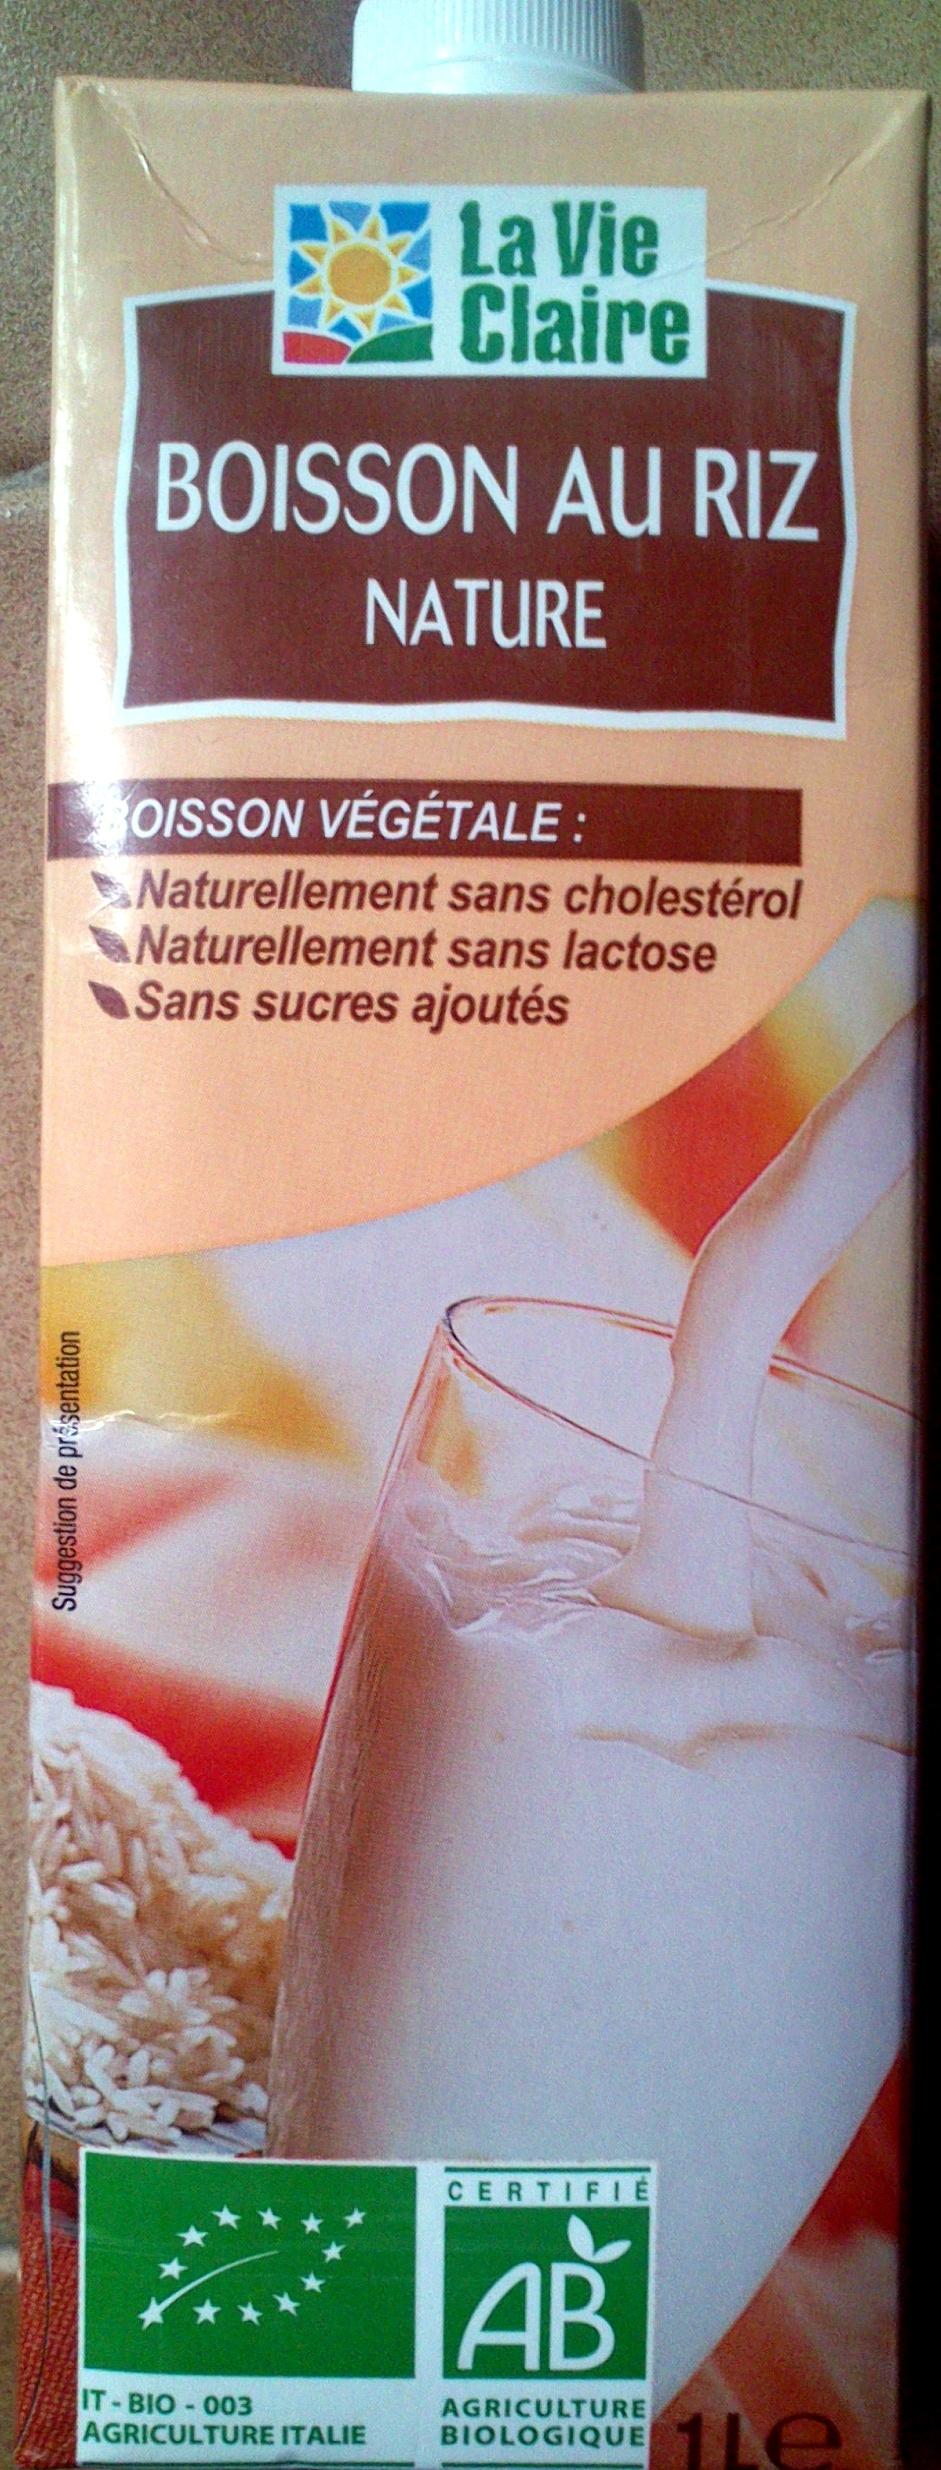 Boisson au riz nature La Vie Claire - Product - fr